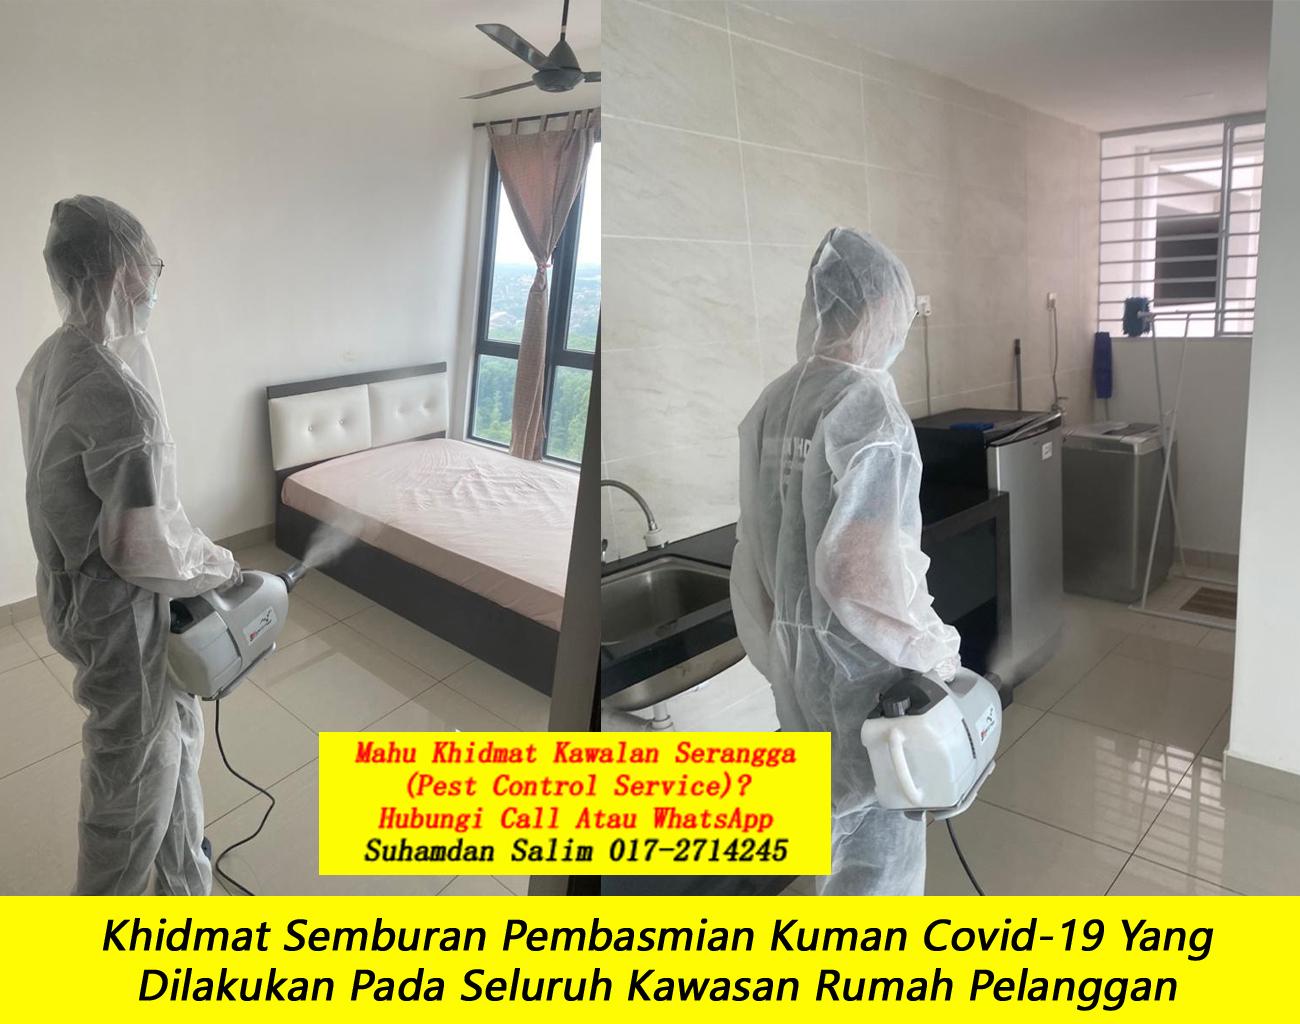 khidmat sanitizing membasmi kuman Covid-19 Disinfection Service semburan sanitize covid 19 paling berkesan dengan harga berpatutan the best service covid-19 sepang selangor felda